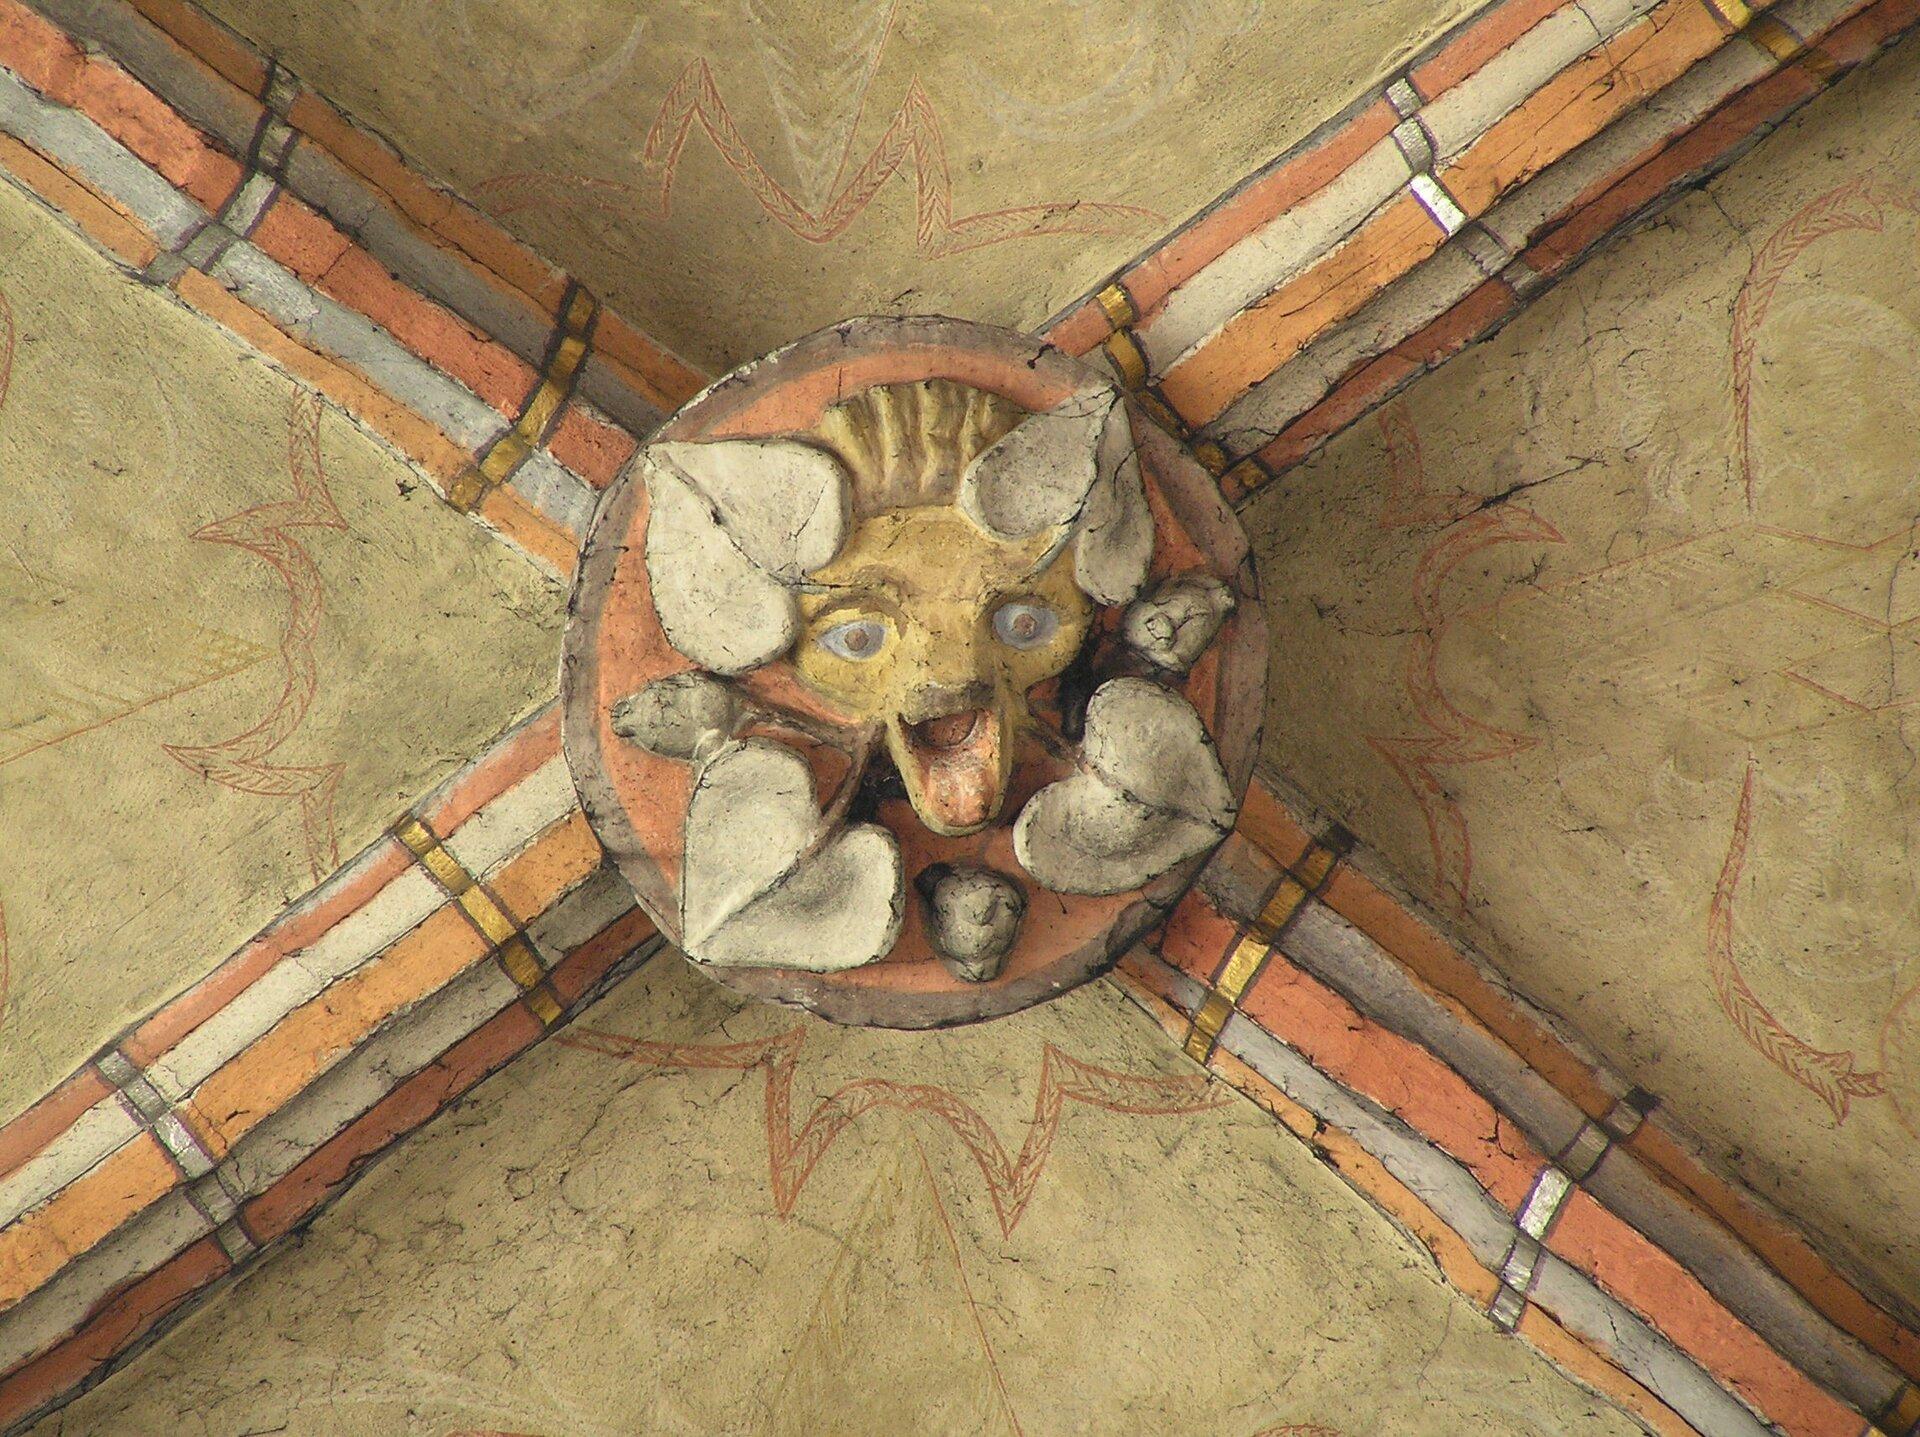 Chełmno, kościół Wniebowzięcia NMP, zwornik wnawie północnej Zwornik, nazywany też kluczem – środkowy, szczytowy kliniec łuku, wyróżniający się kształtem, wielkością idekoracyjnym opracowaniem. Może być wykonany zkamienia lub cegły, rzeźbiony, polichromowany lub/i złocony. Źródło: Chełmno, kościół Wniebowzięcia NMP, zwornik wnawie północnej, licencja: CC BY-SA 3.0.